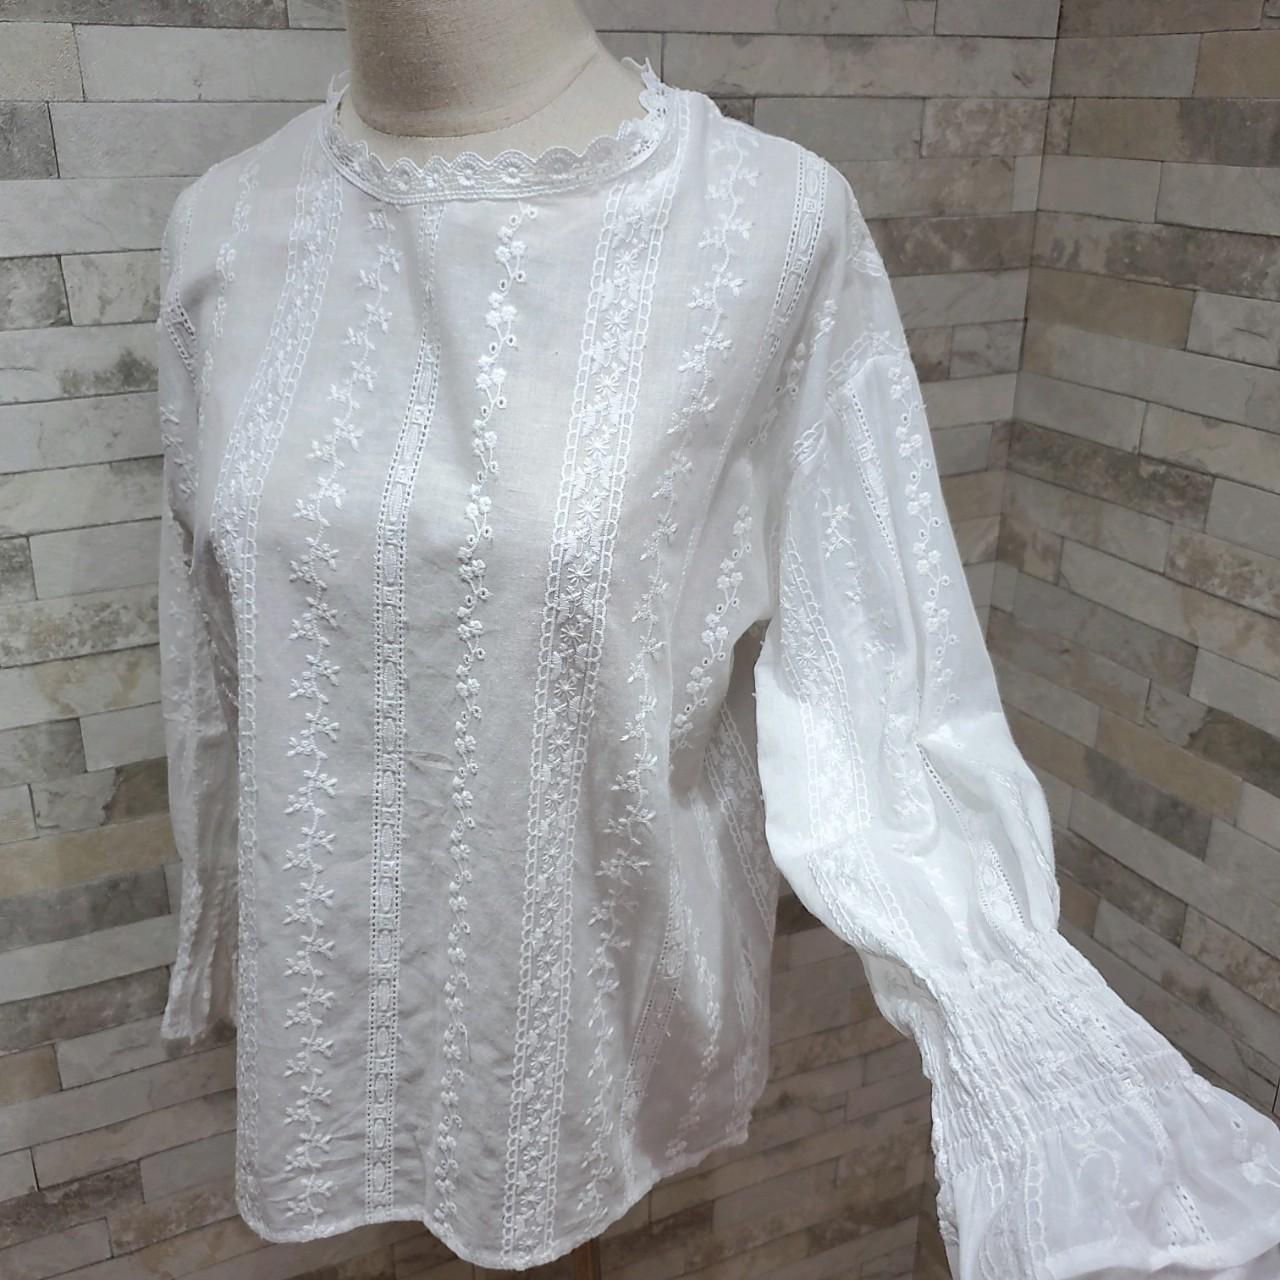 韓国 ファッション トップス ブラウス シャツ 夏 春 カジュアル PTXH429  刺繍 パンチングレース ガーリー プルオーバー オルチャン シンプル 定番 セレカジの写真15枚目